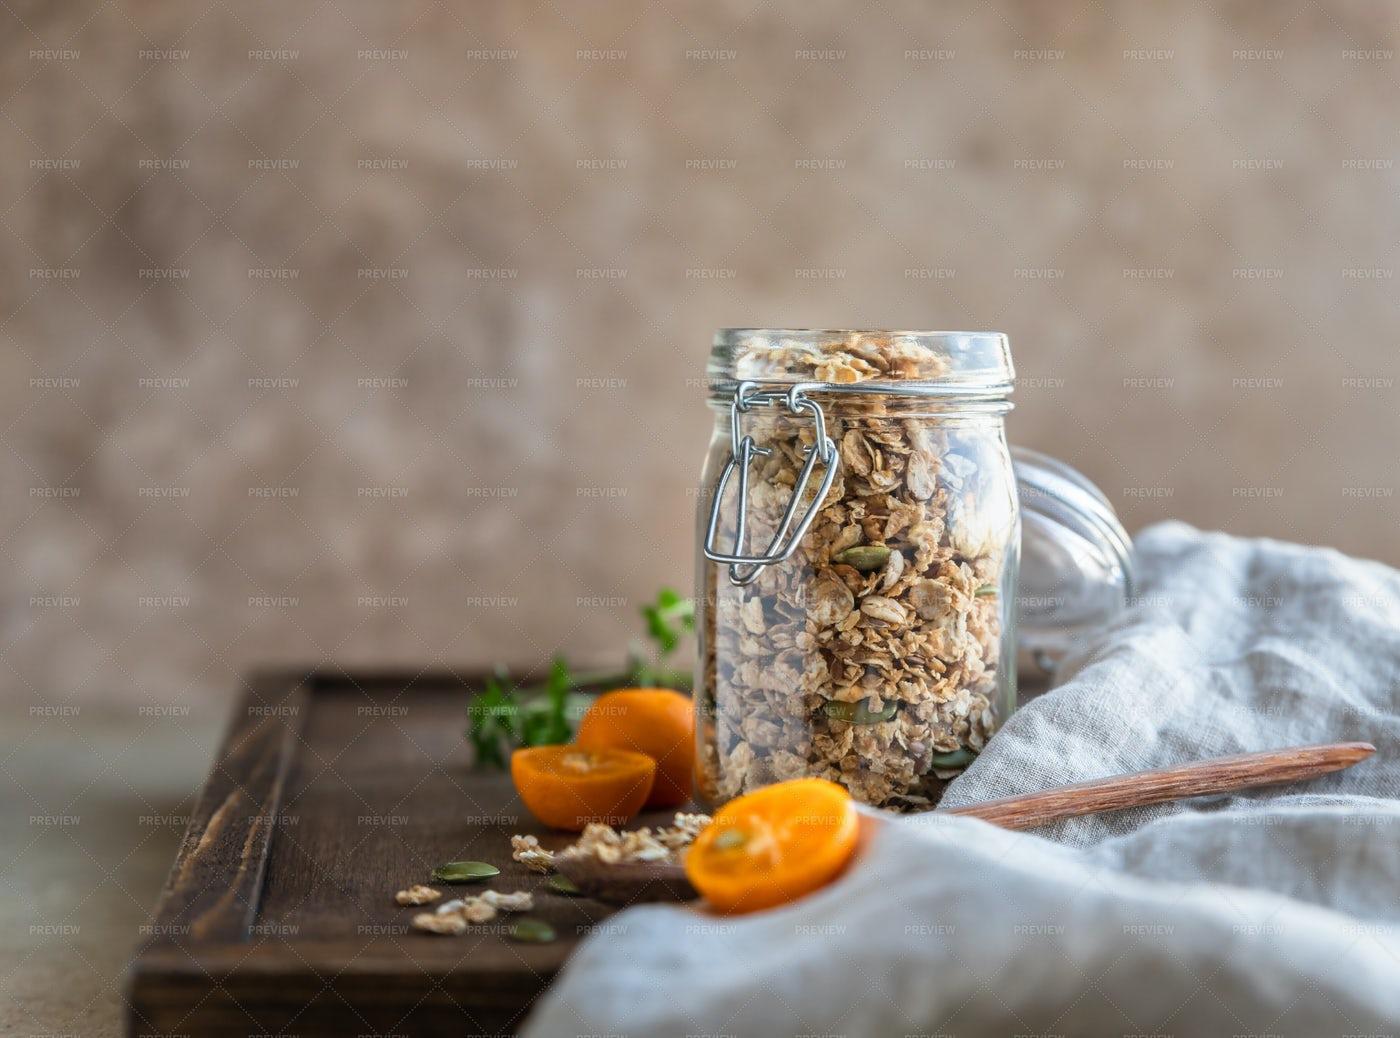 Homemade Granola With Pumpkin Seeds: Stock Photos